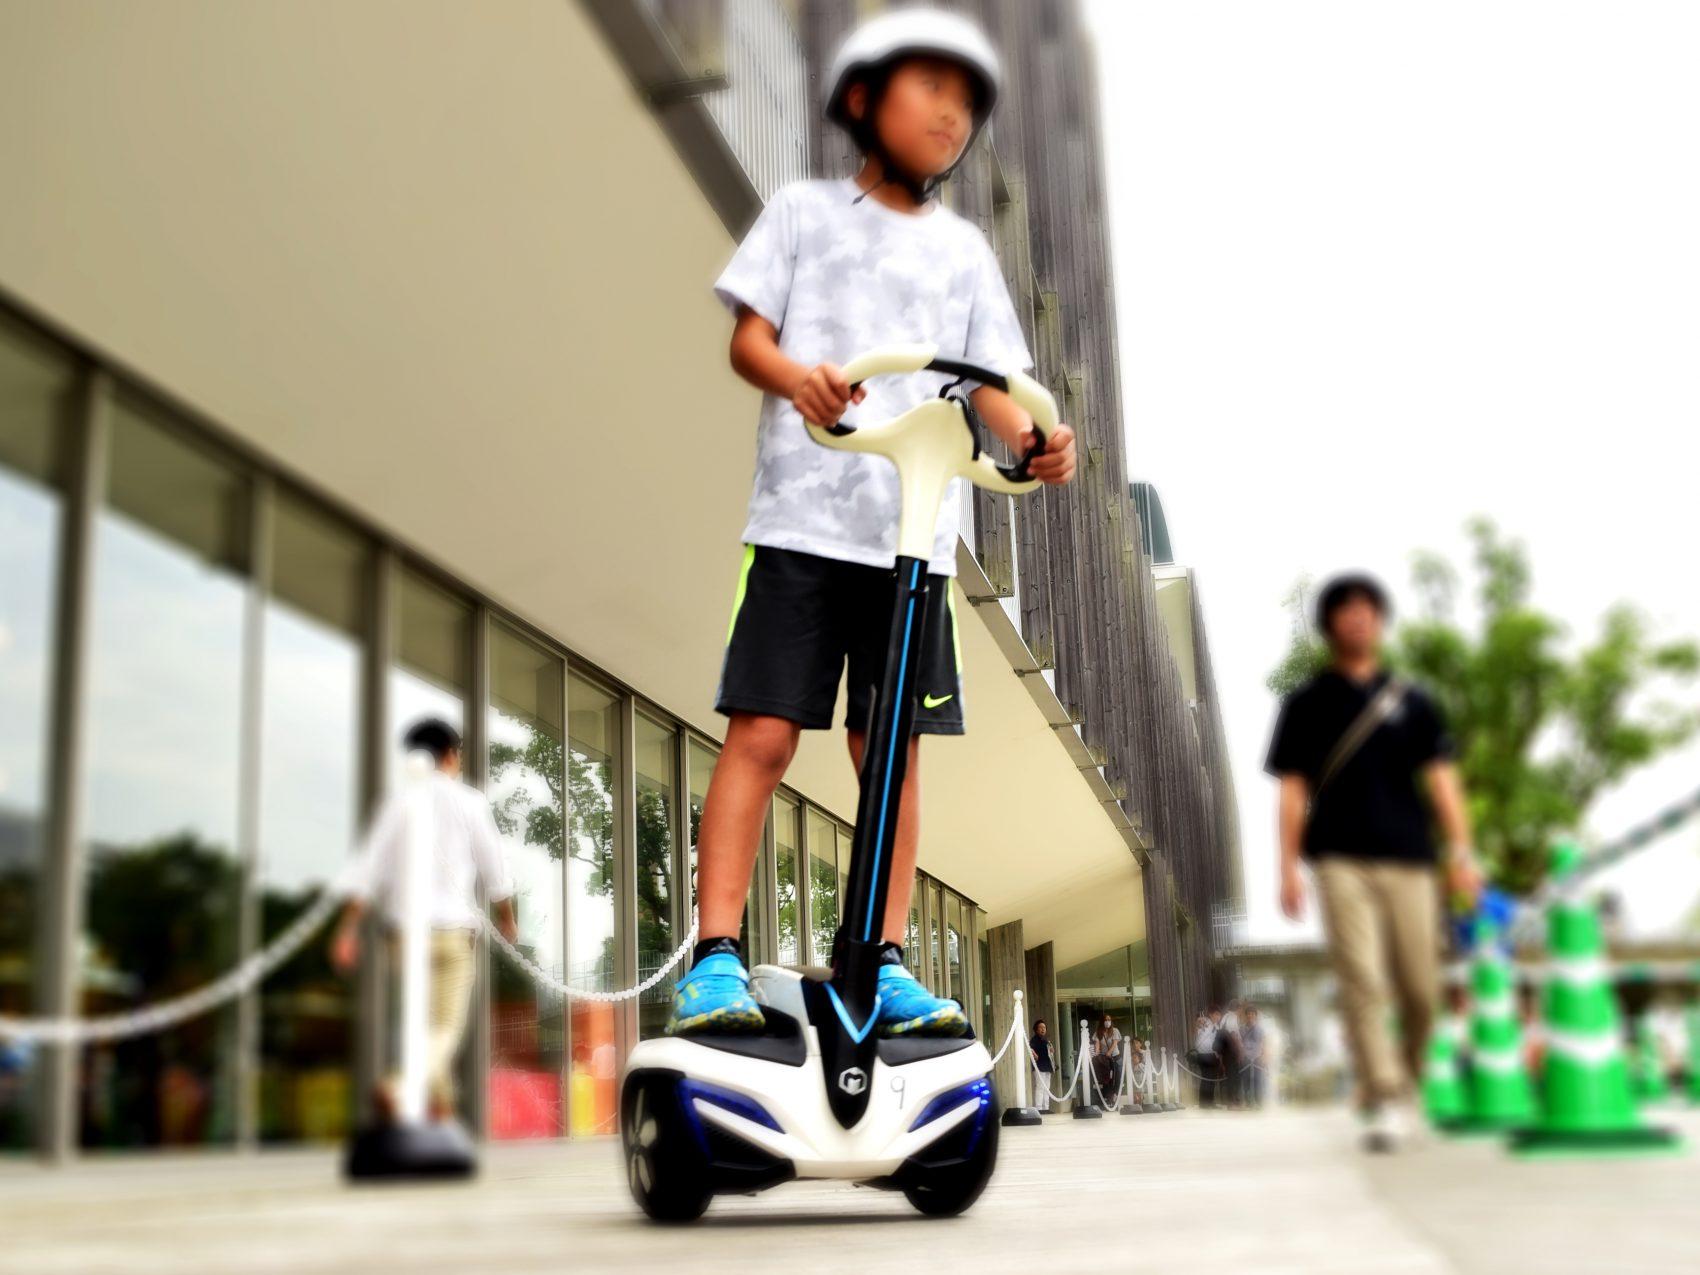 移動支援ロボット『INMOTION』試乗体験イメージ